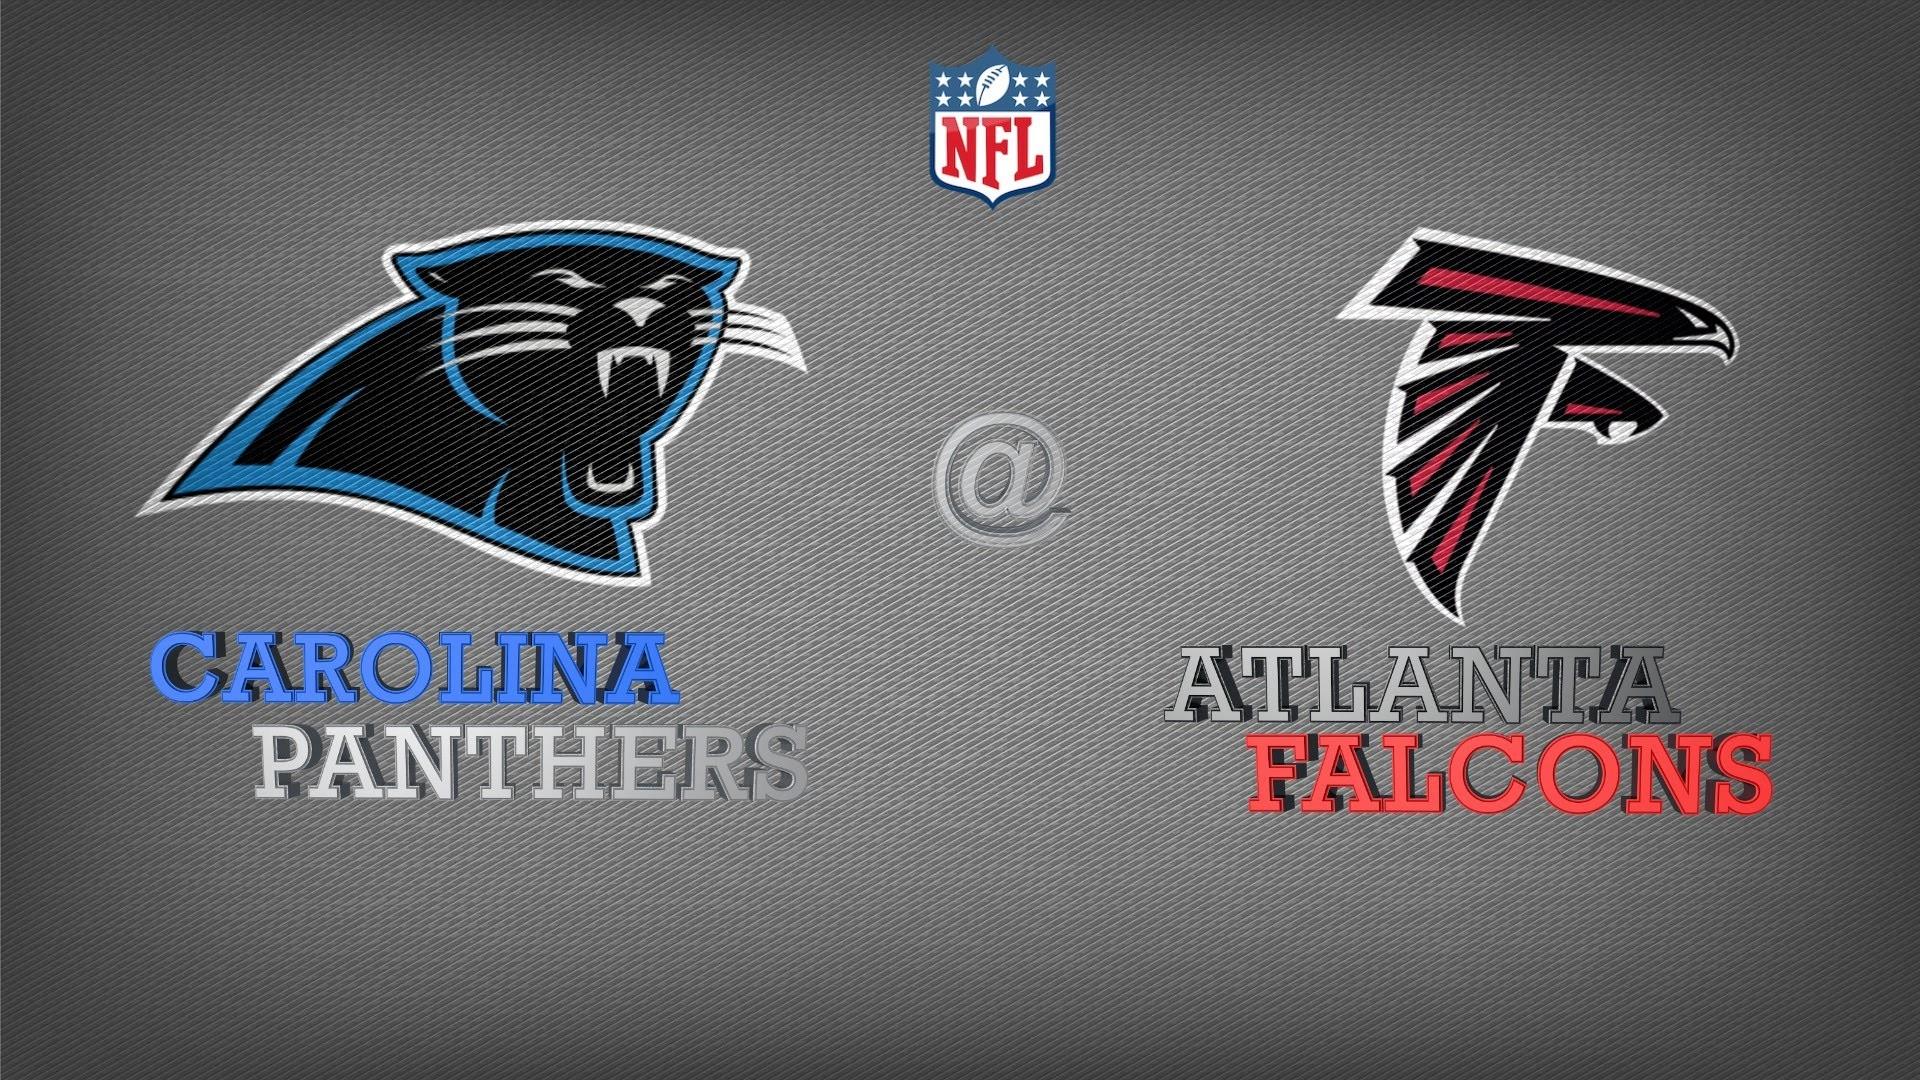 Madden 15 (PS4): Carolina Panthers @ Atlanta Falcons FULL GAME HD